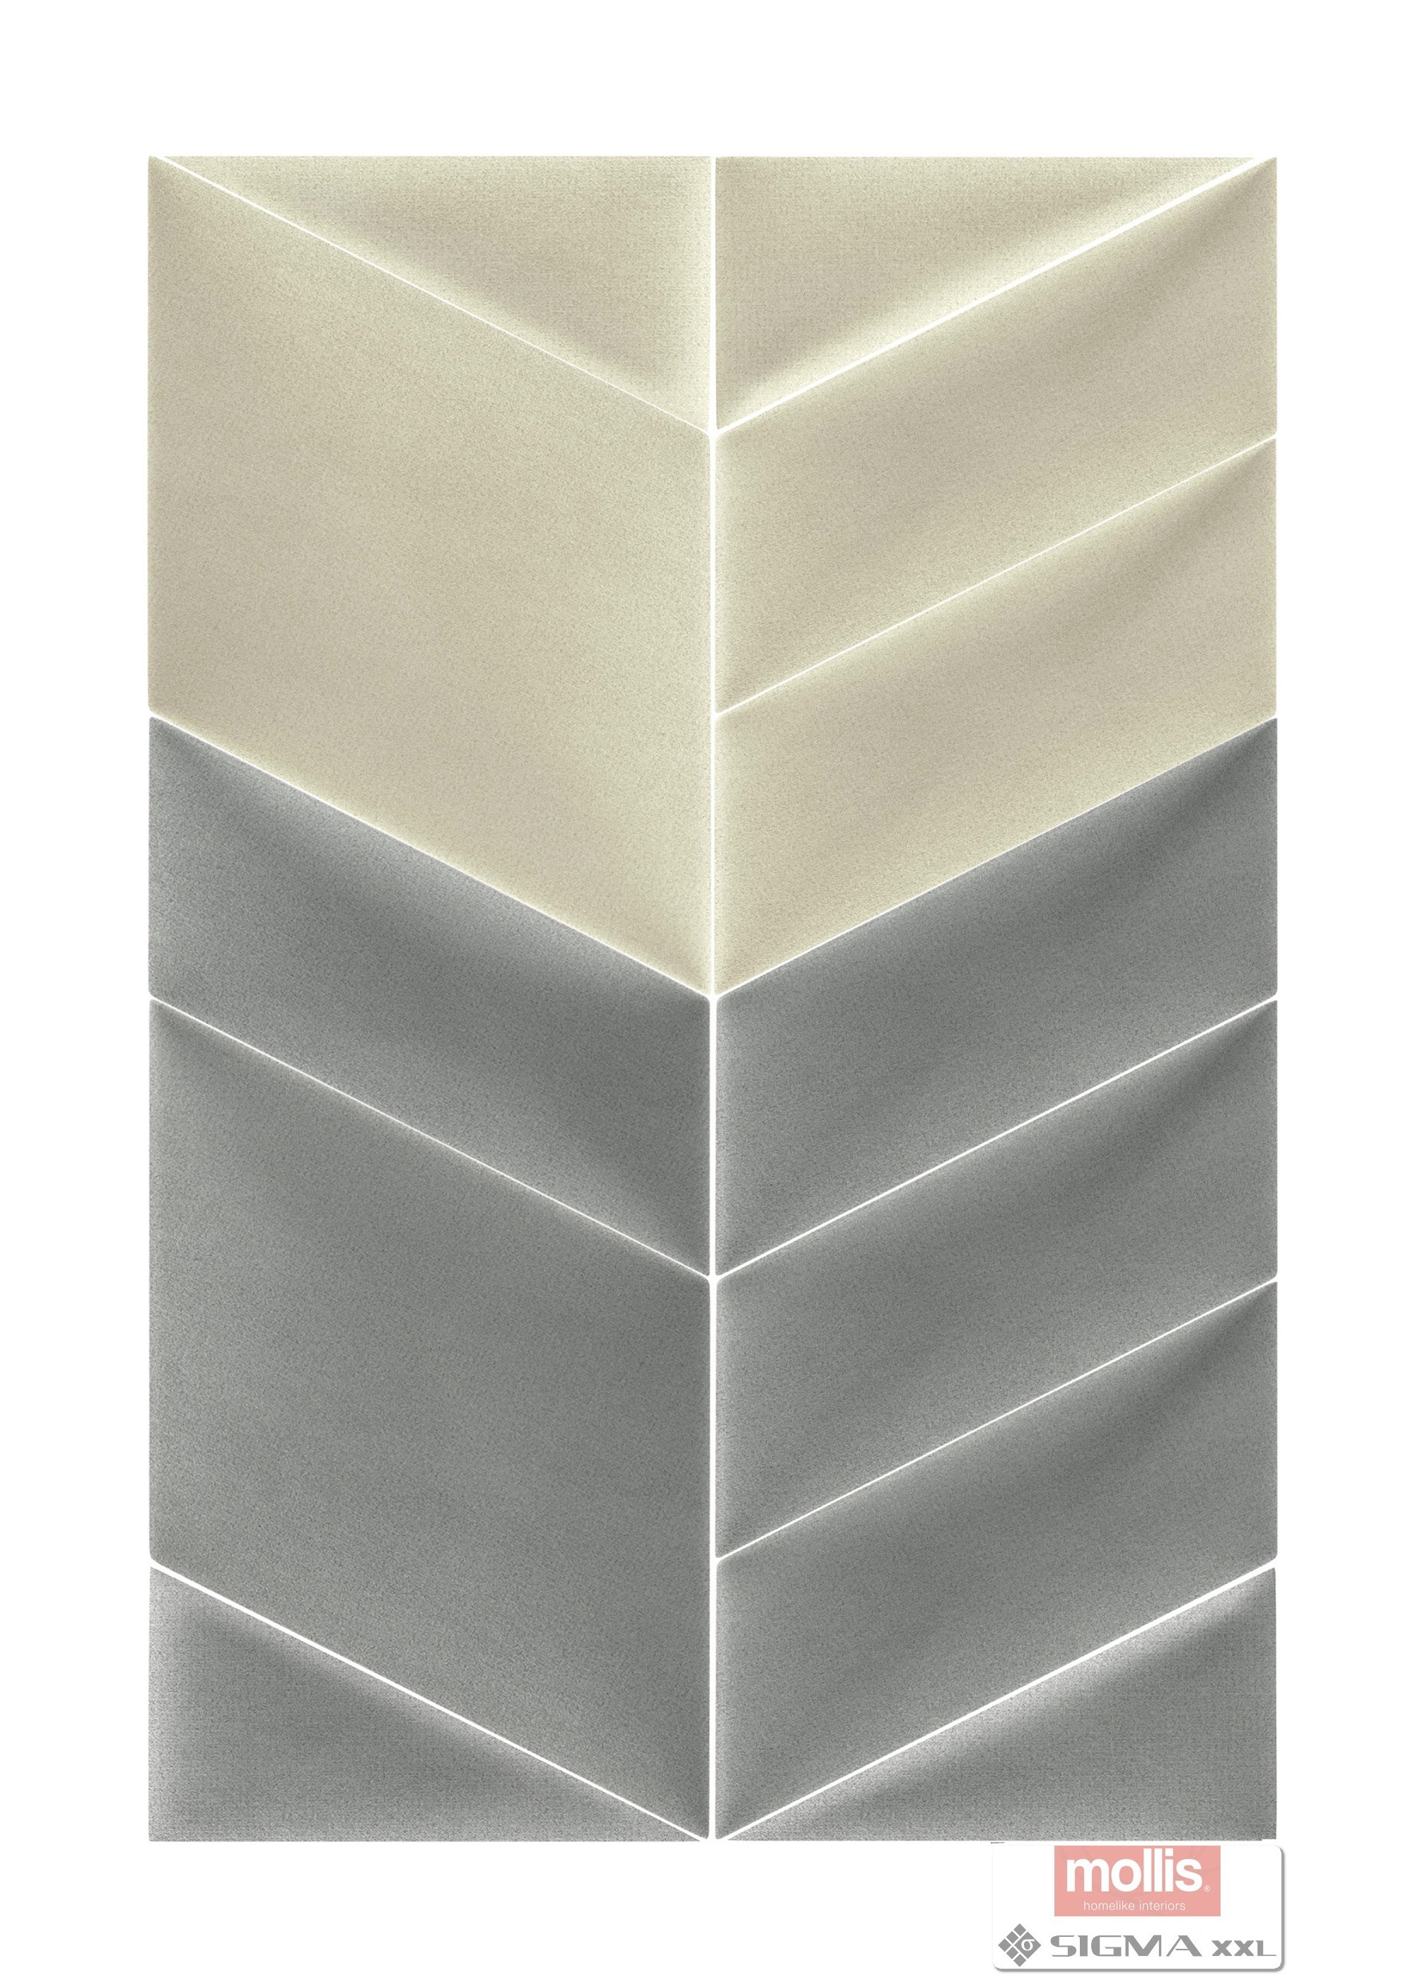 Imagine Mollis Abies 02 Grey Dust (Paralelogram A - 30x15 cm)